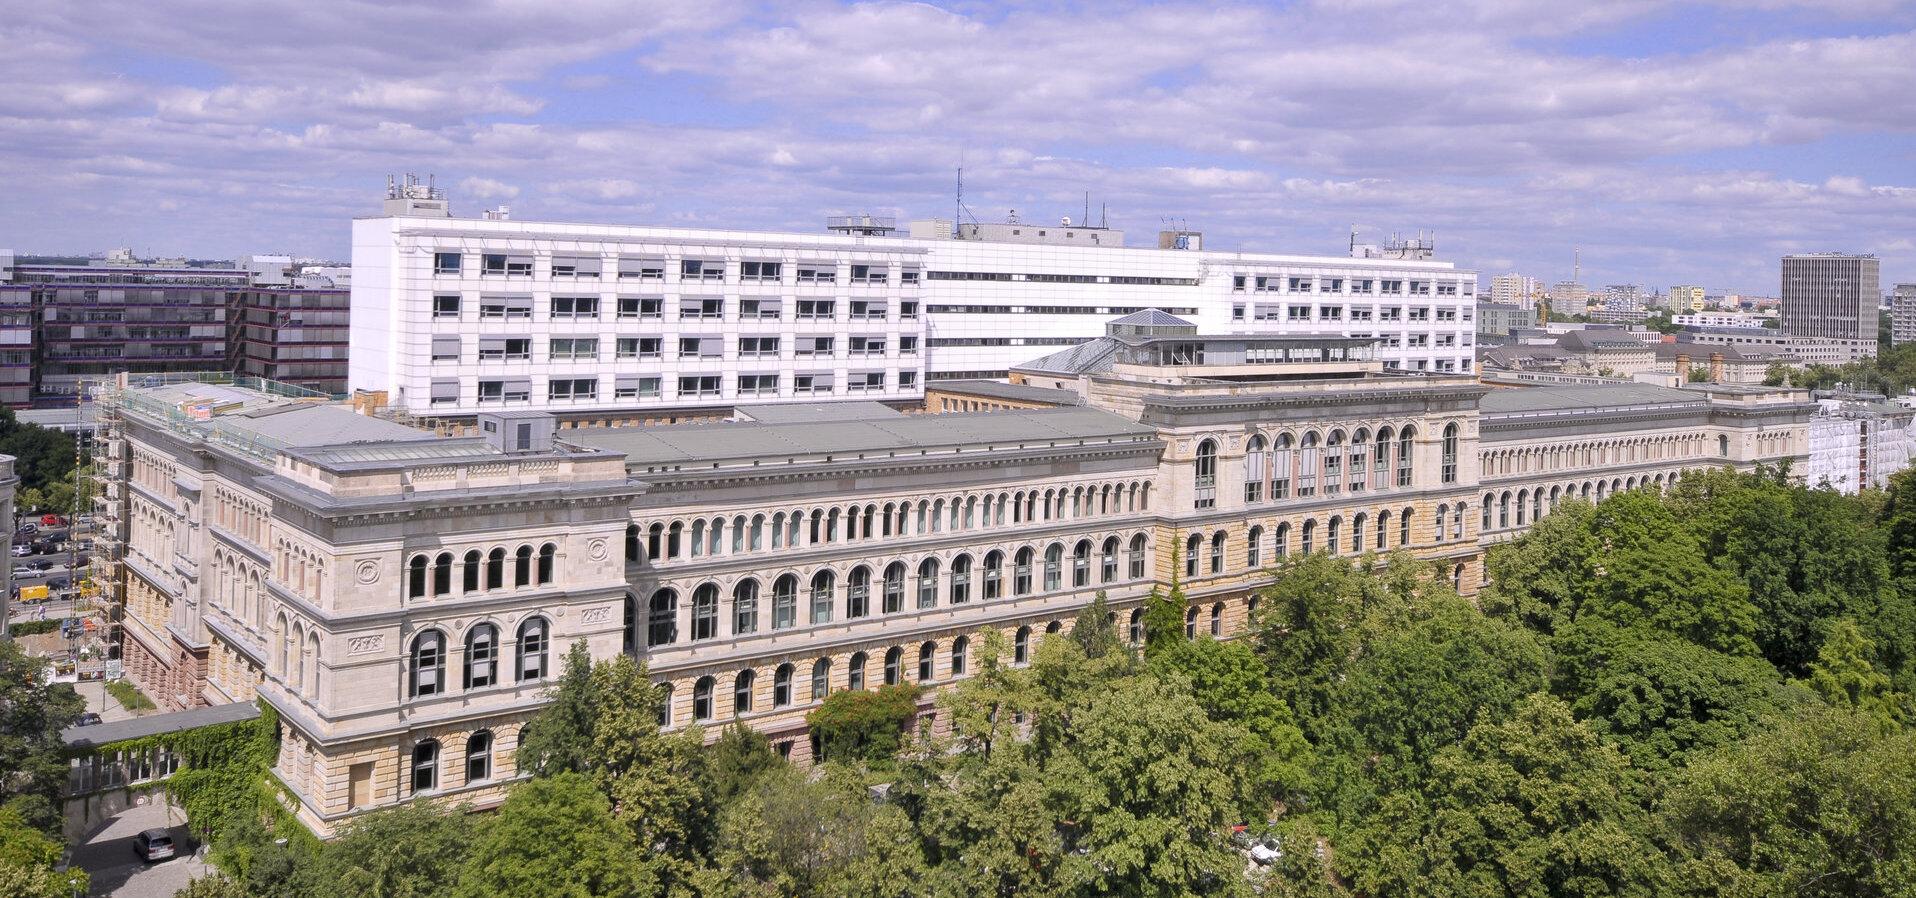 Tu Berlin Fakultät 5